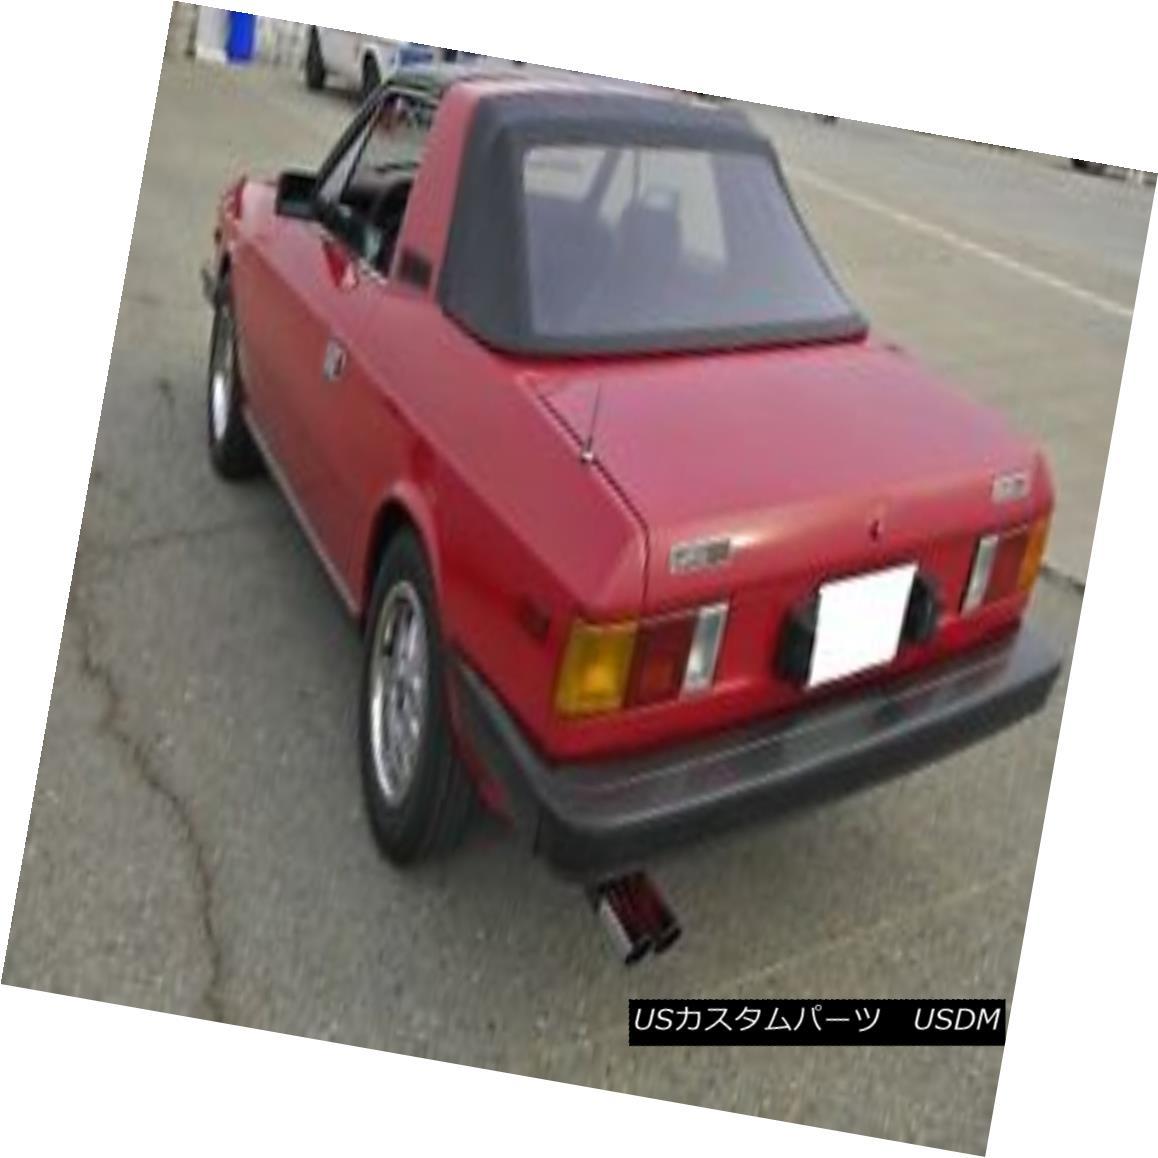 幌・ソフトトップ Lancia Beta Zagato 1979 1980 1981 1982 Convertible Soft Top Black vinyl Lancia Beta Zagato 1979 1980 1981 1982コンバーチブルソフトトップブラックビニール